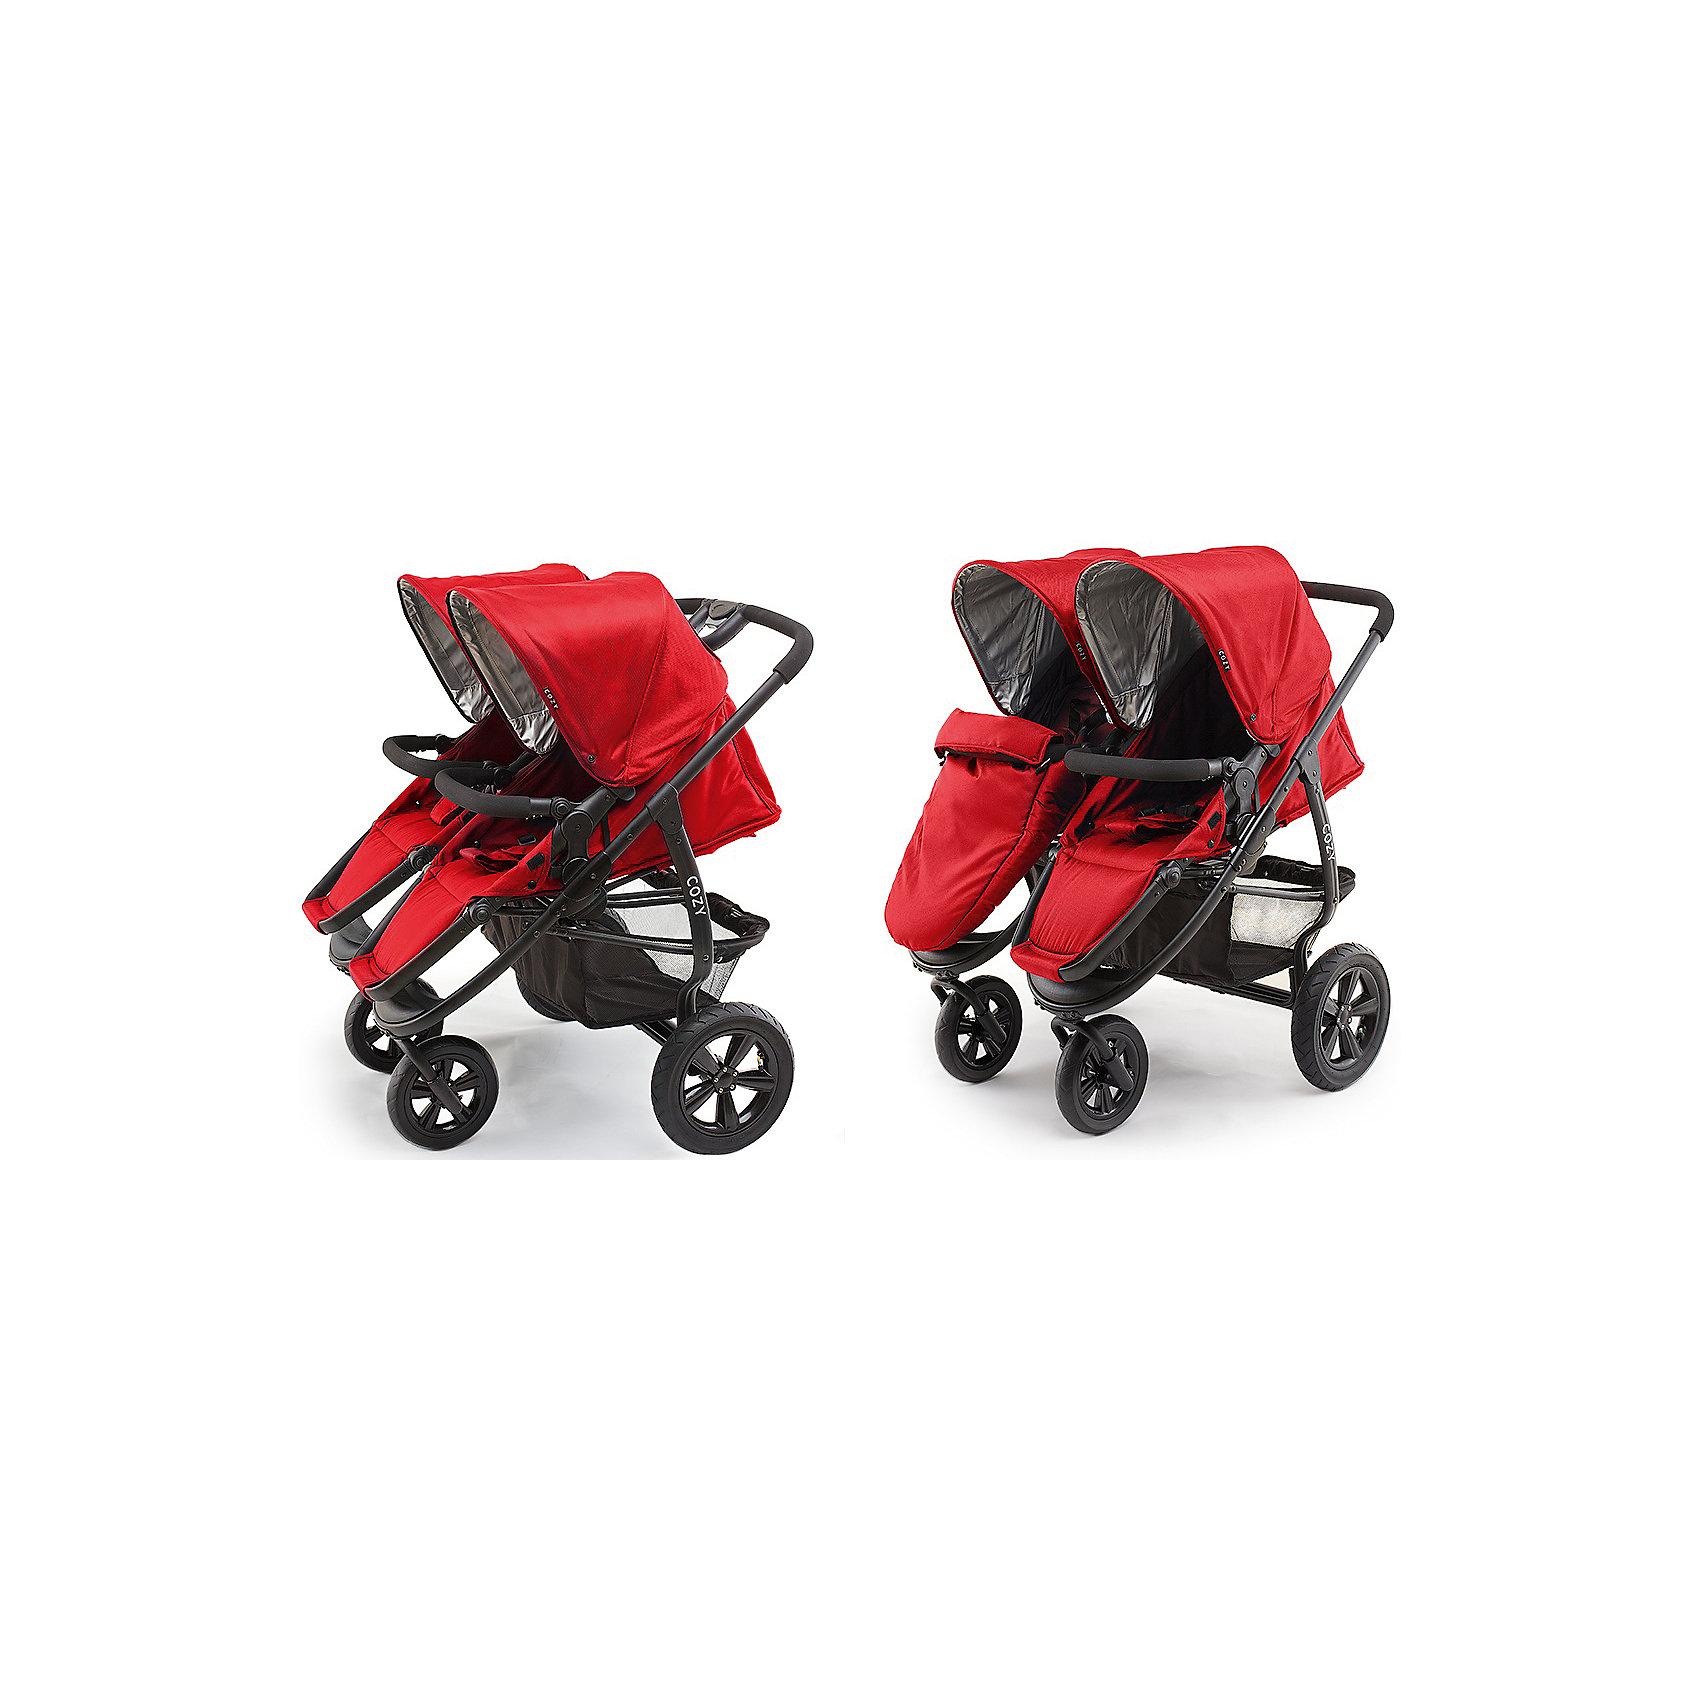 Прогулочная коляска для двойни Cozy DOU, красный